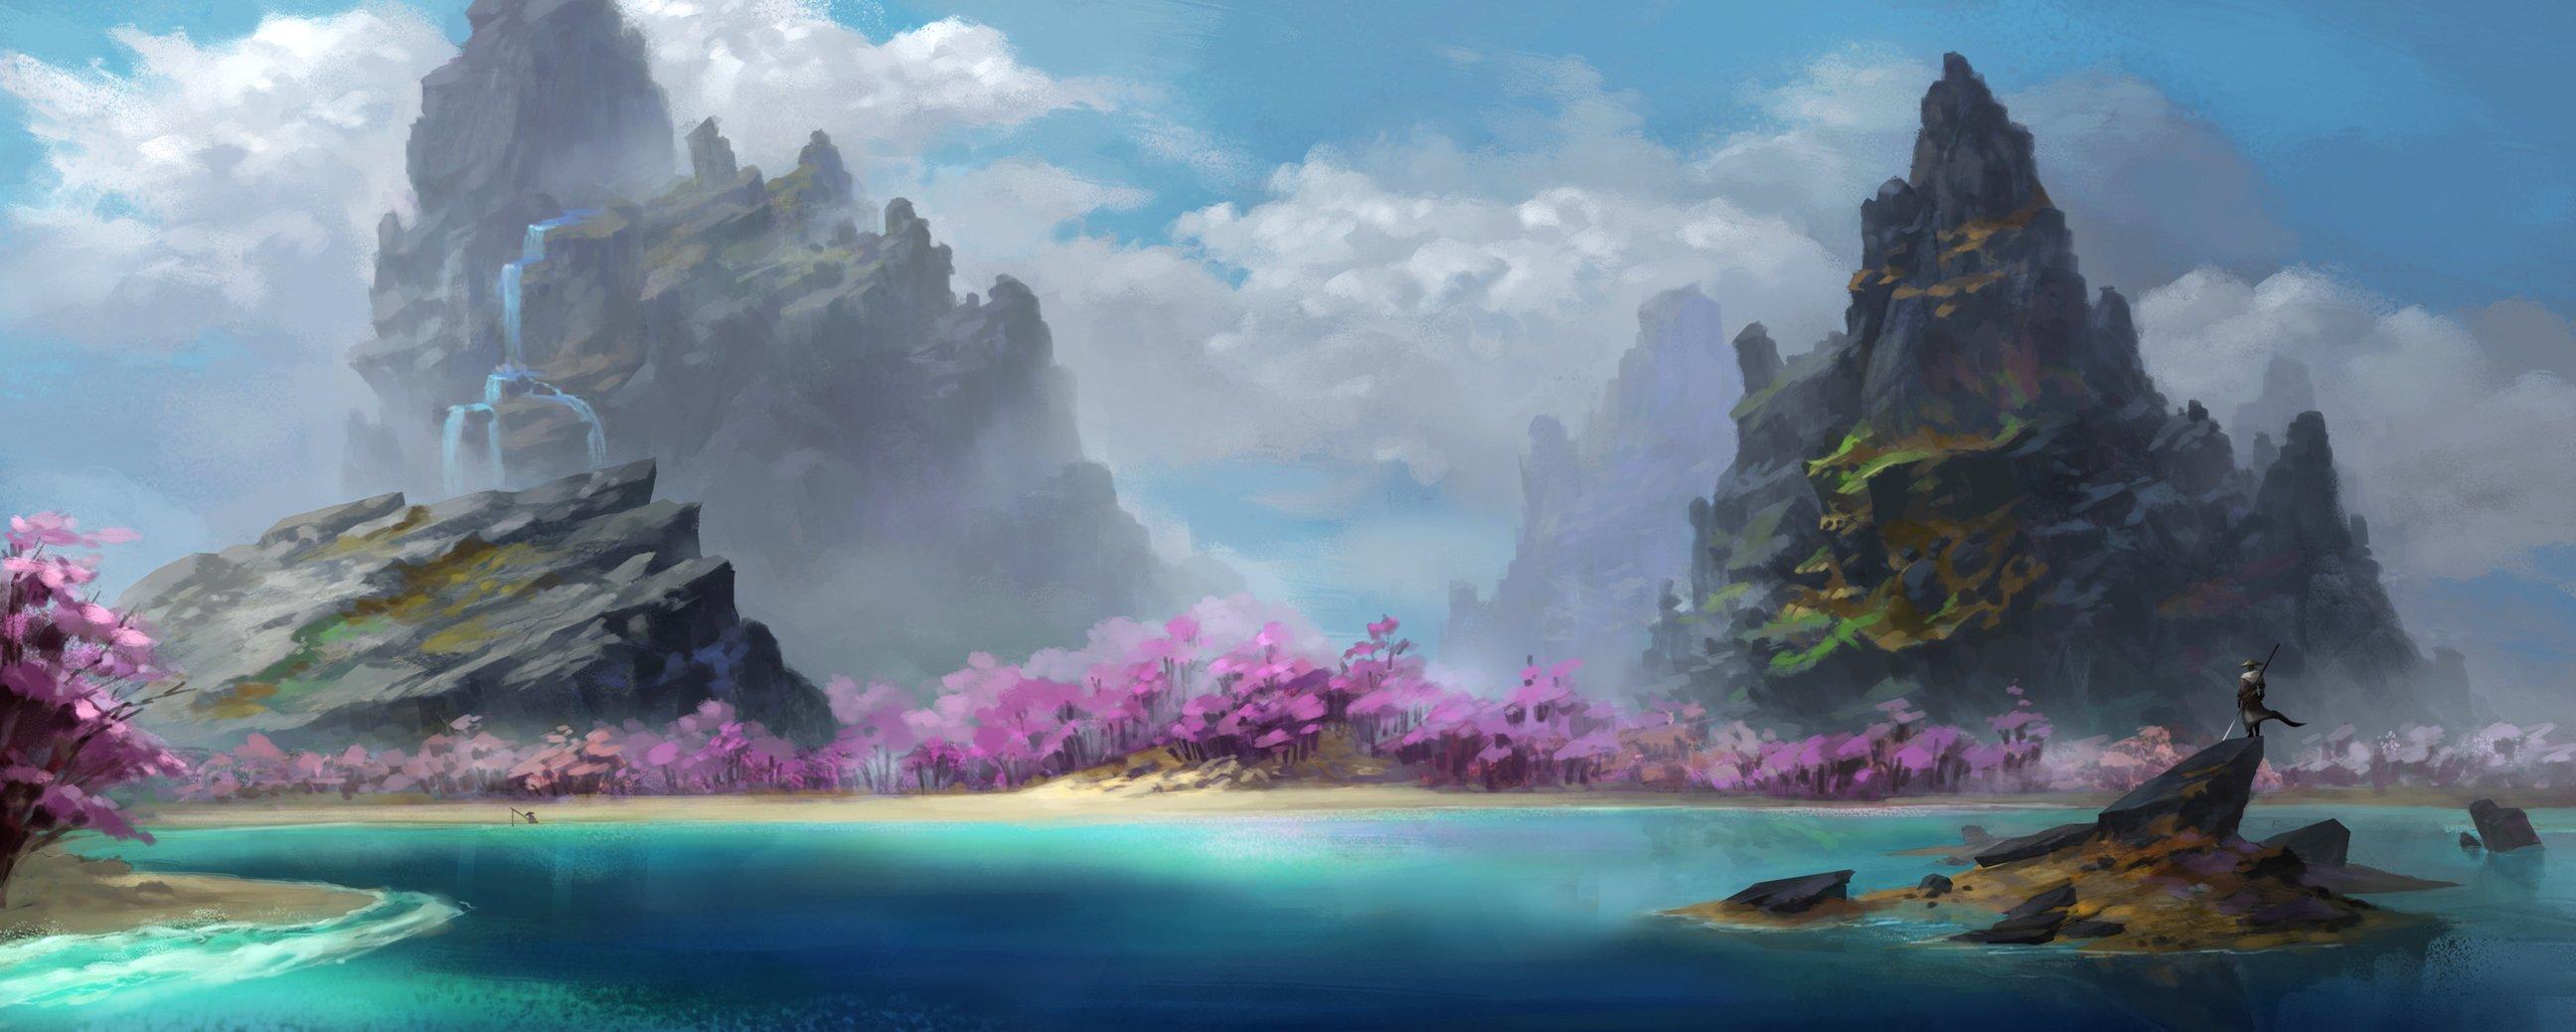 Легенды Кунг Фу - Остров персиков. - Изображение 1